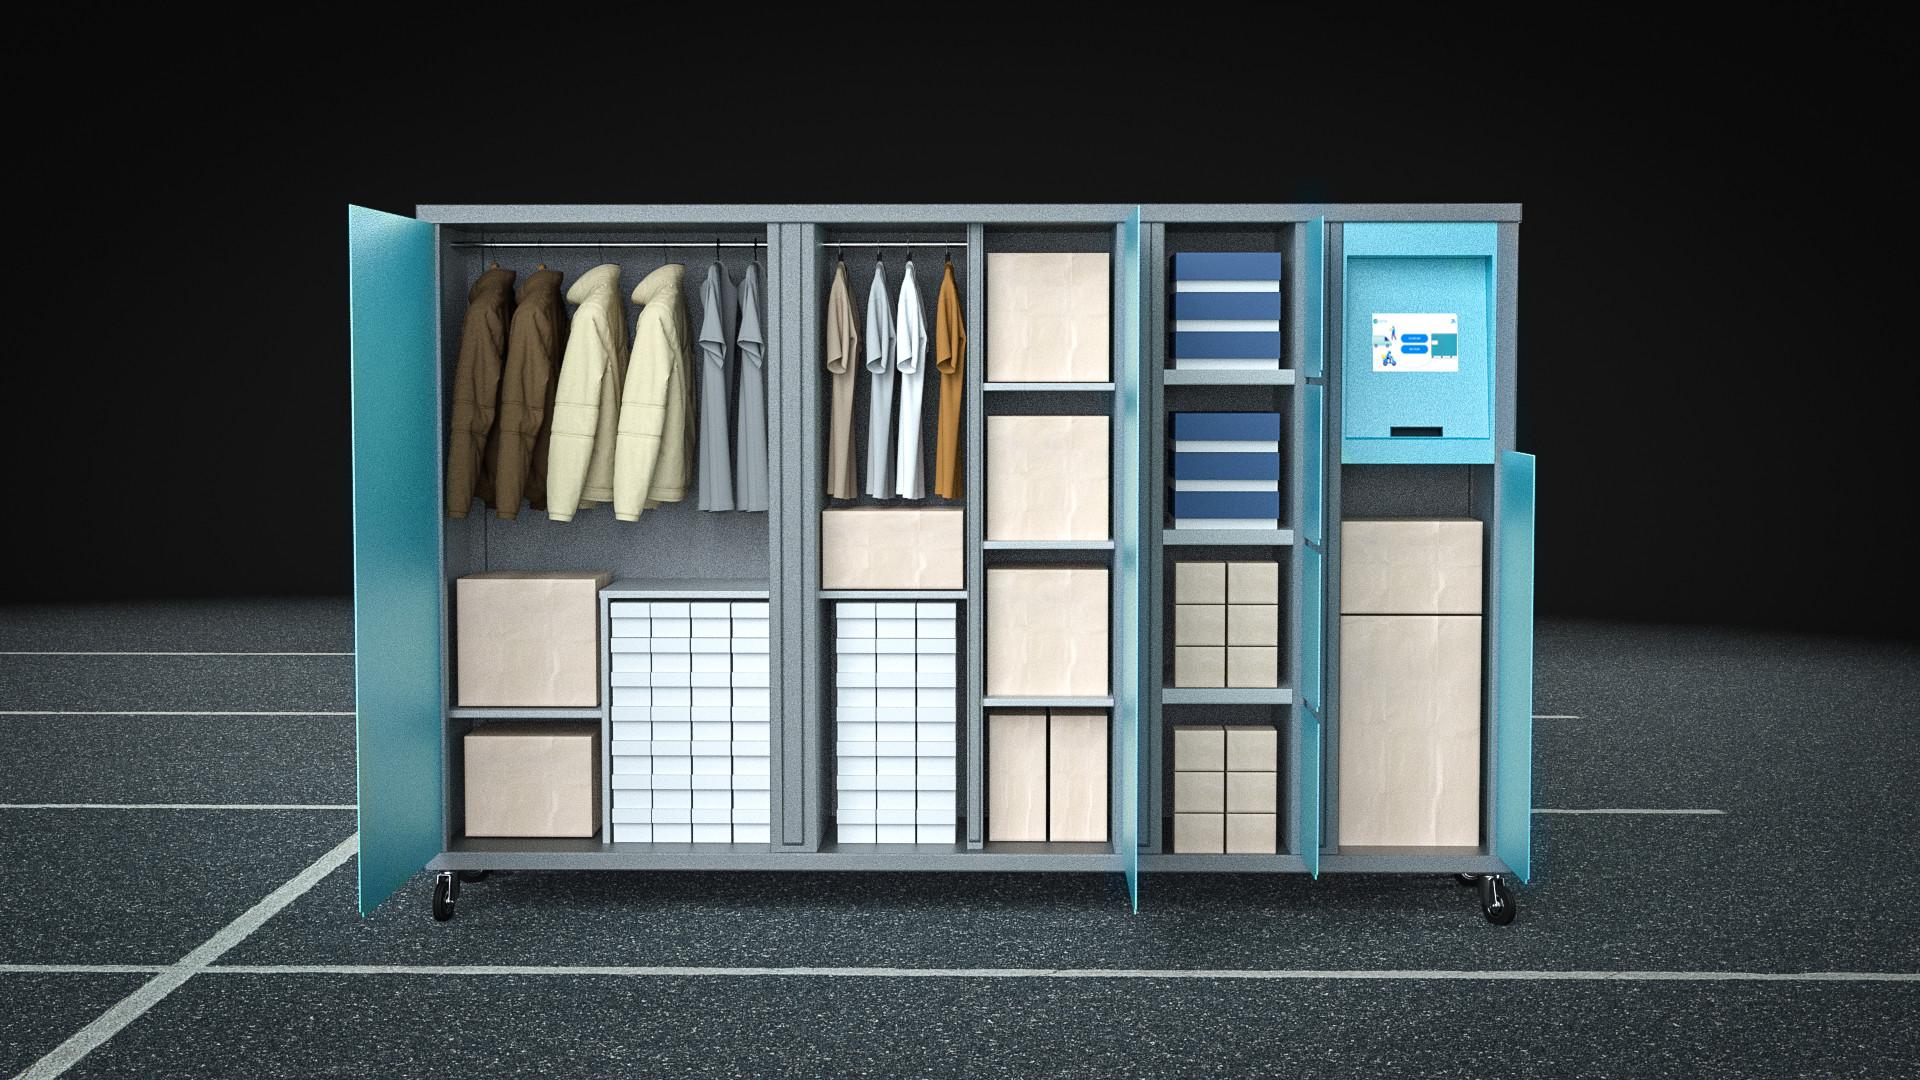 Diversas utilizações - Closet + Pickup